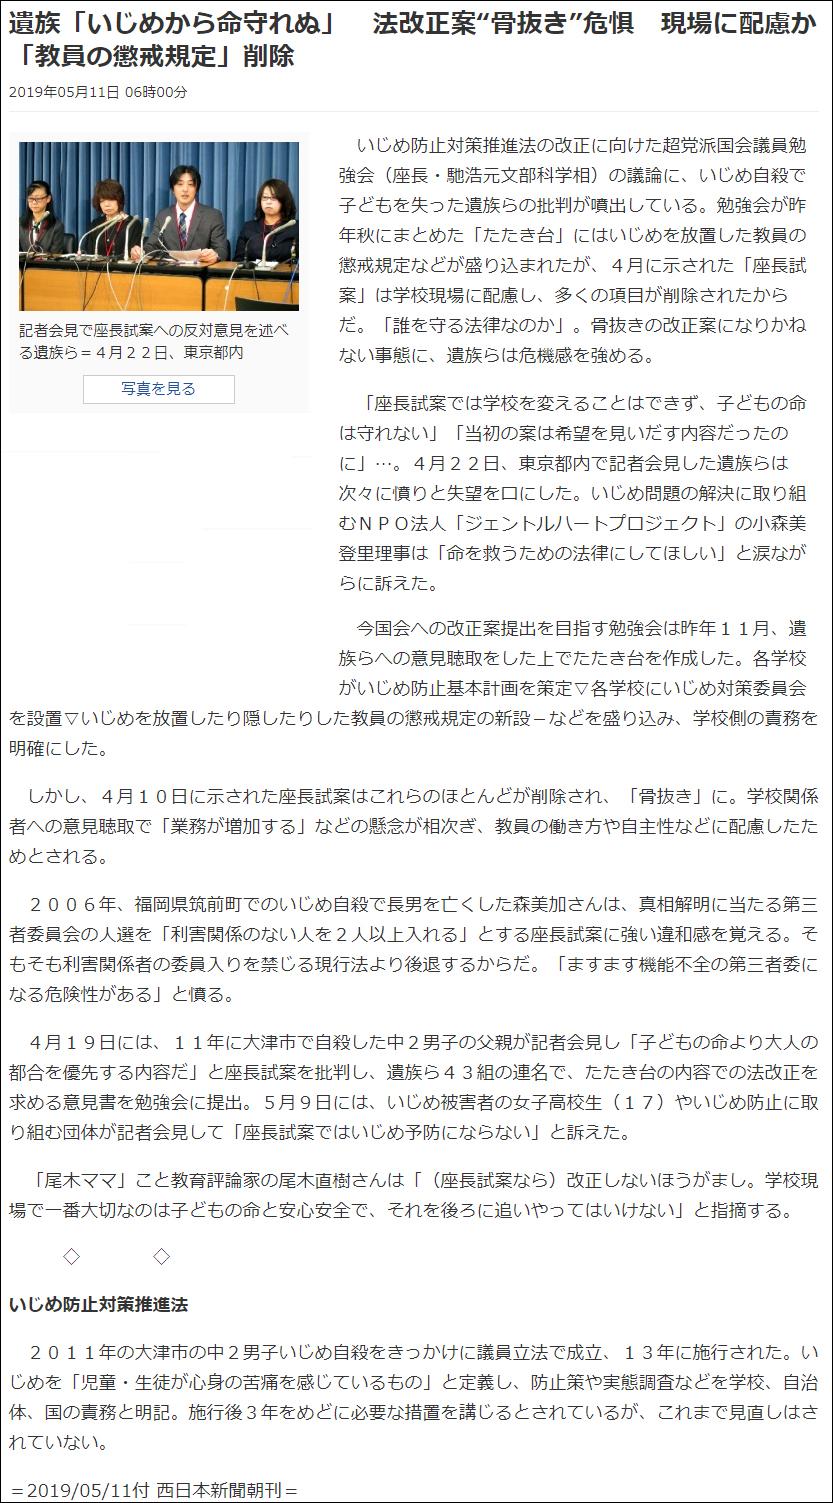 """小森美登里:西日本新聞掲載「遺族『いじめから命守れぬ』 法改正案""""骨抜き""""危惧 現場に配慮か『教員の懲戒規定』削除」"""